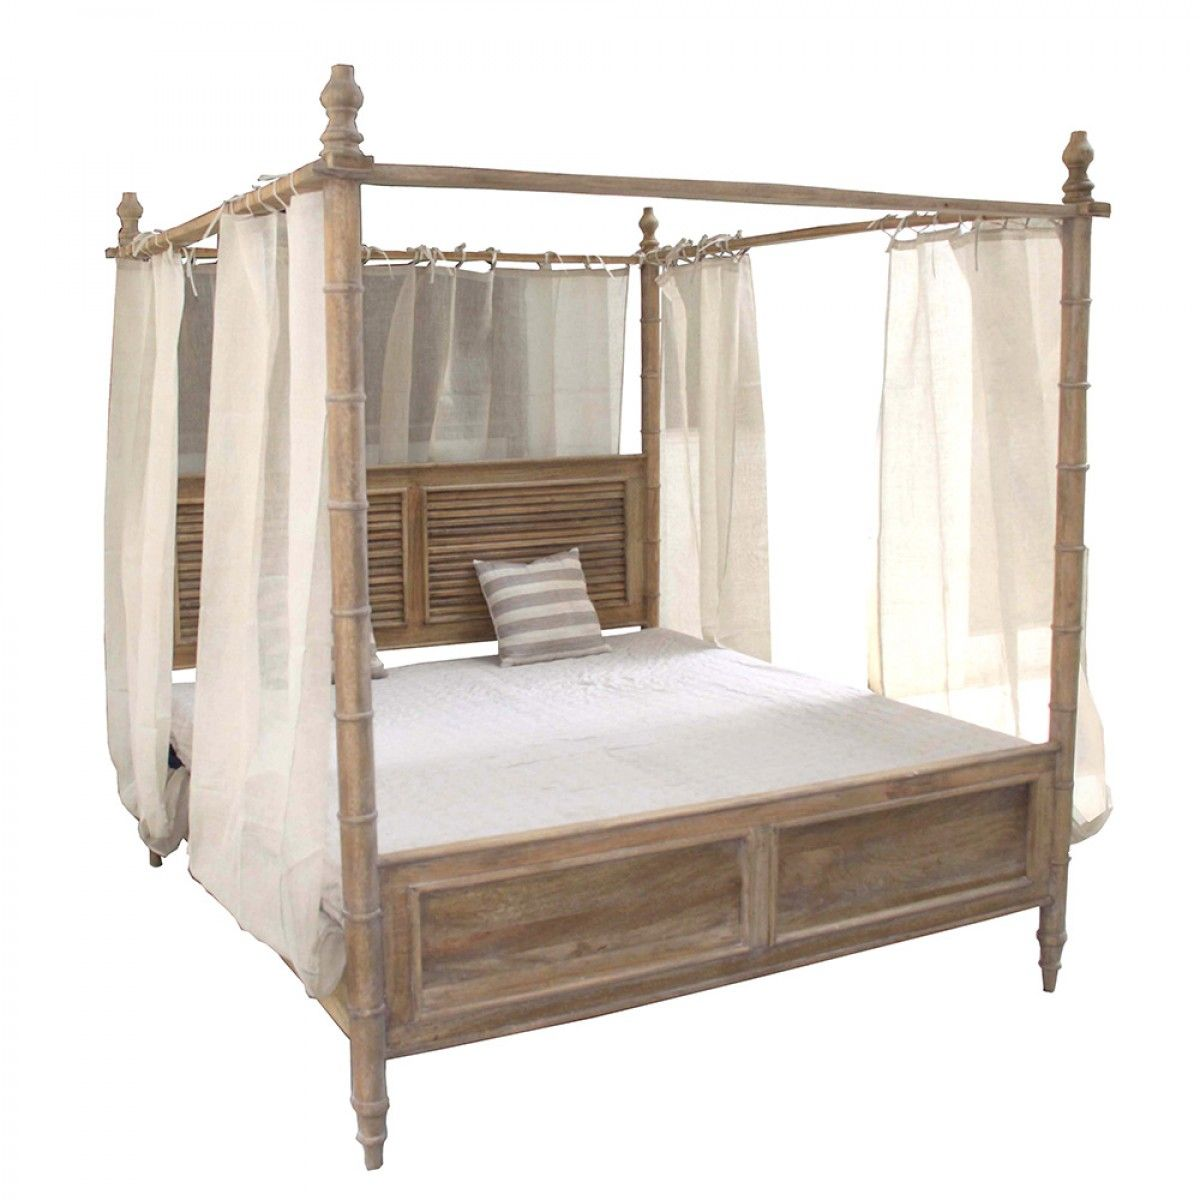 H&ton Queen Canopy Bed - Beds u0026 Bedheads - Bedroom  sc 1 st  Pinterest & Hampton Queen Canopy Bed - Beds u0026 Bedheads - Bedroom | Beds for ...